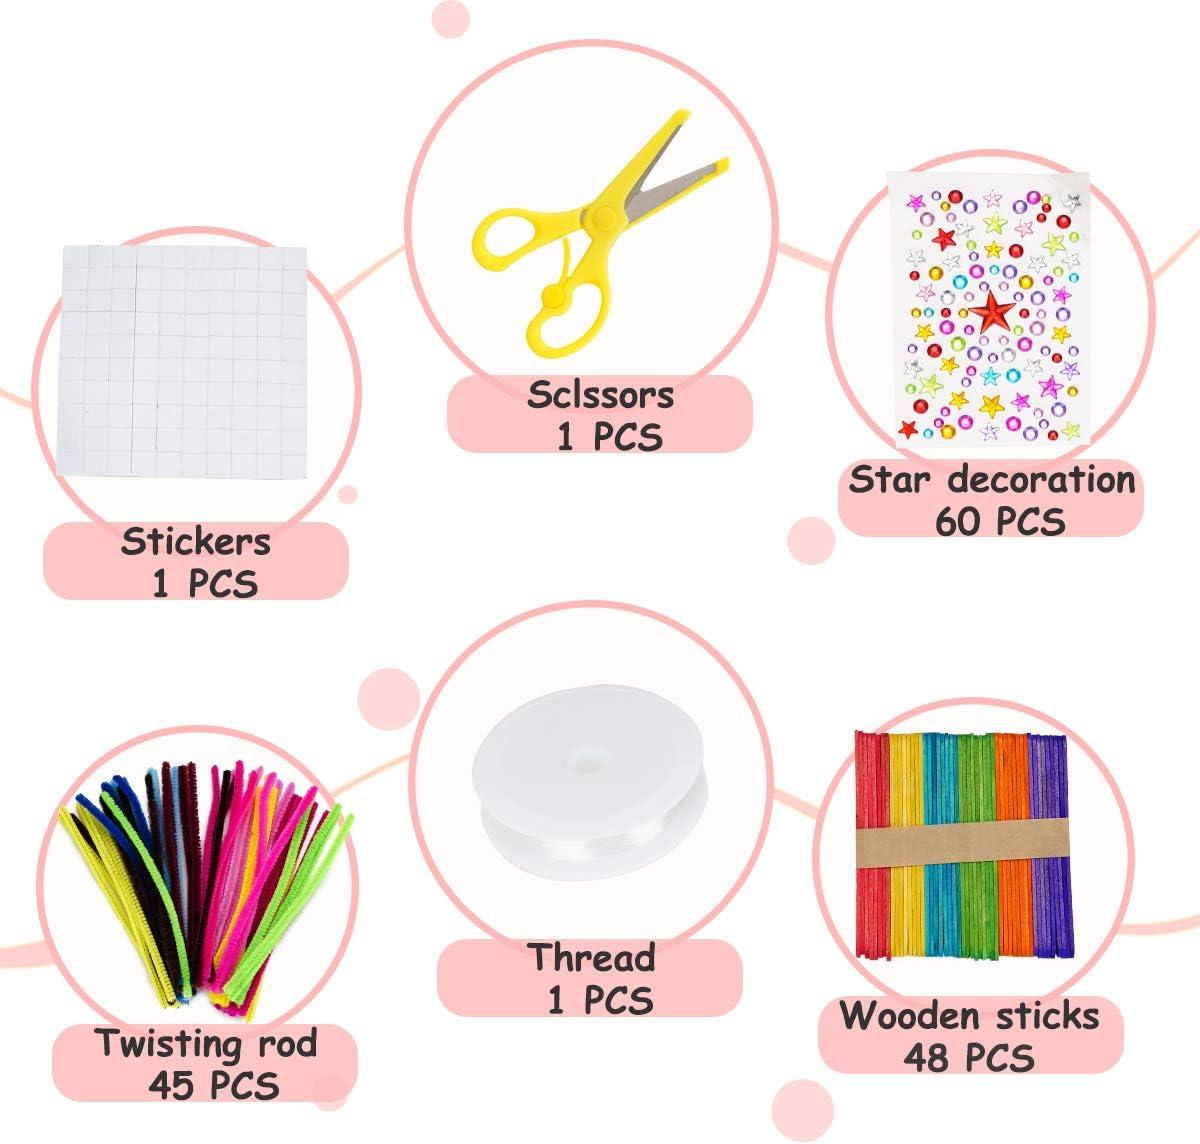 Plumas Cuentas Colores Purpurina Locisne Kit Creativo Suministros para Manualidades para ni/ños decoraci/ón Estrellas Que Incluye palitos para Mermelada Papel